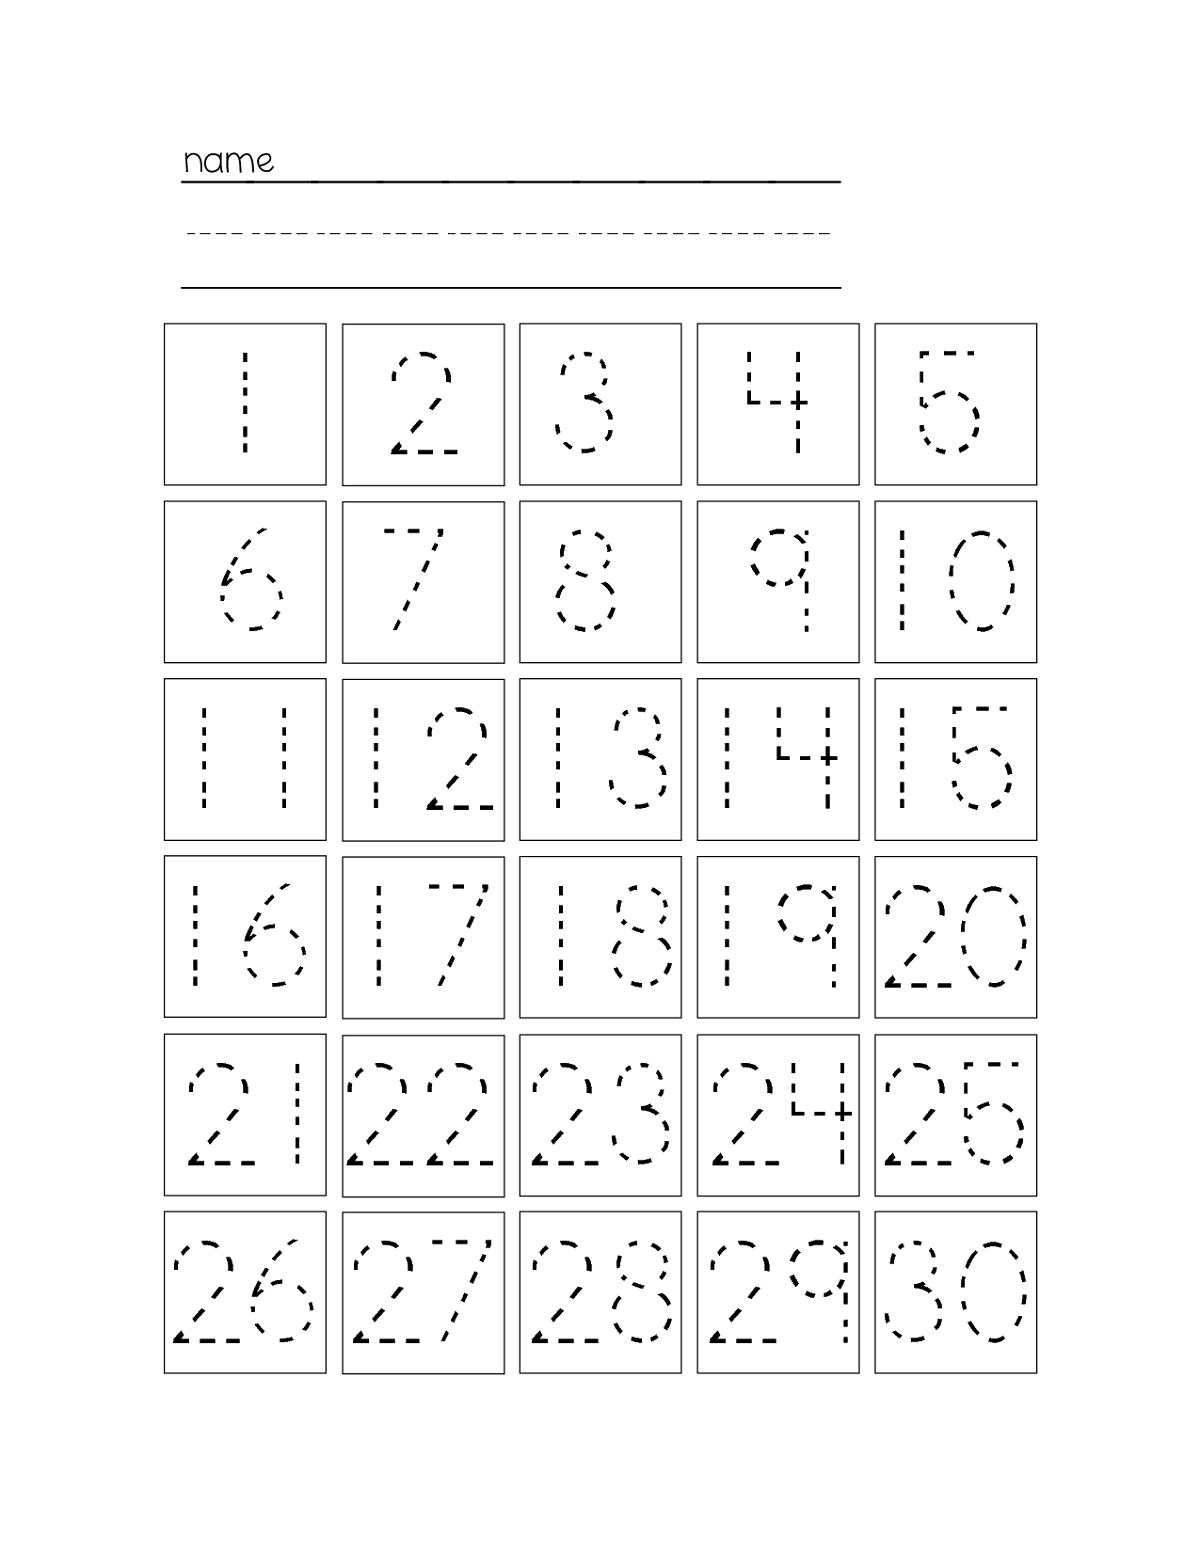 Trace Number Worksheets Free | Kiddo Shelter | Kids Worksheets - Free Printable Tracing Numbers 1 20 Worksheets